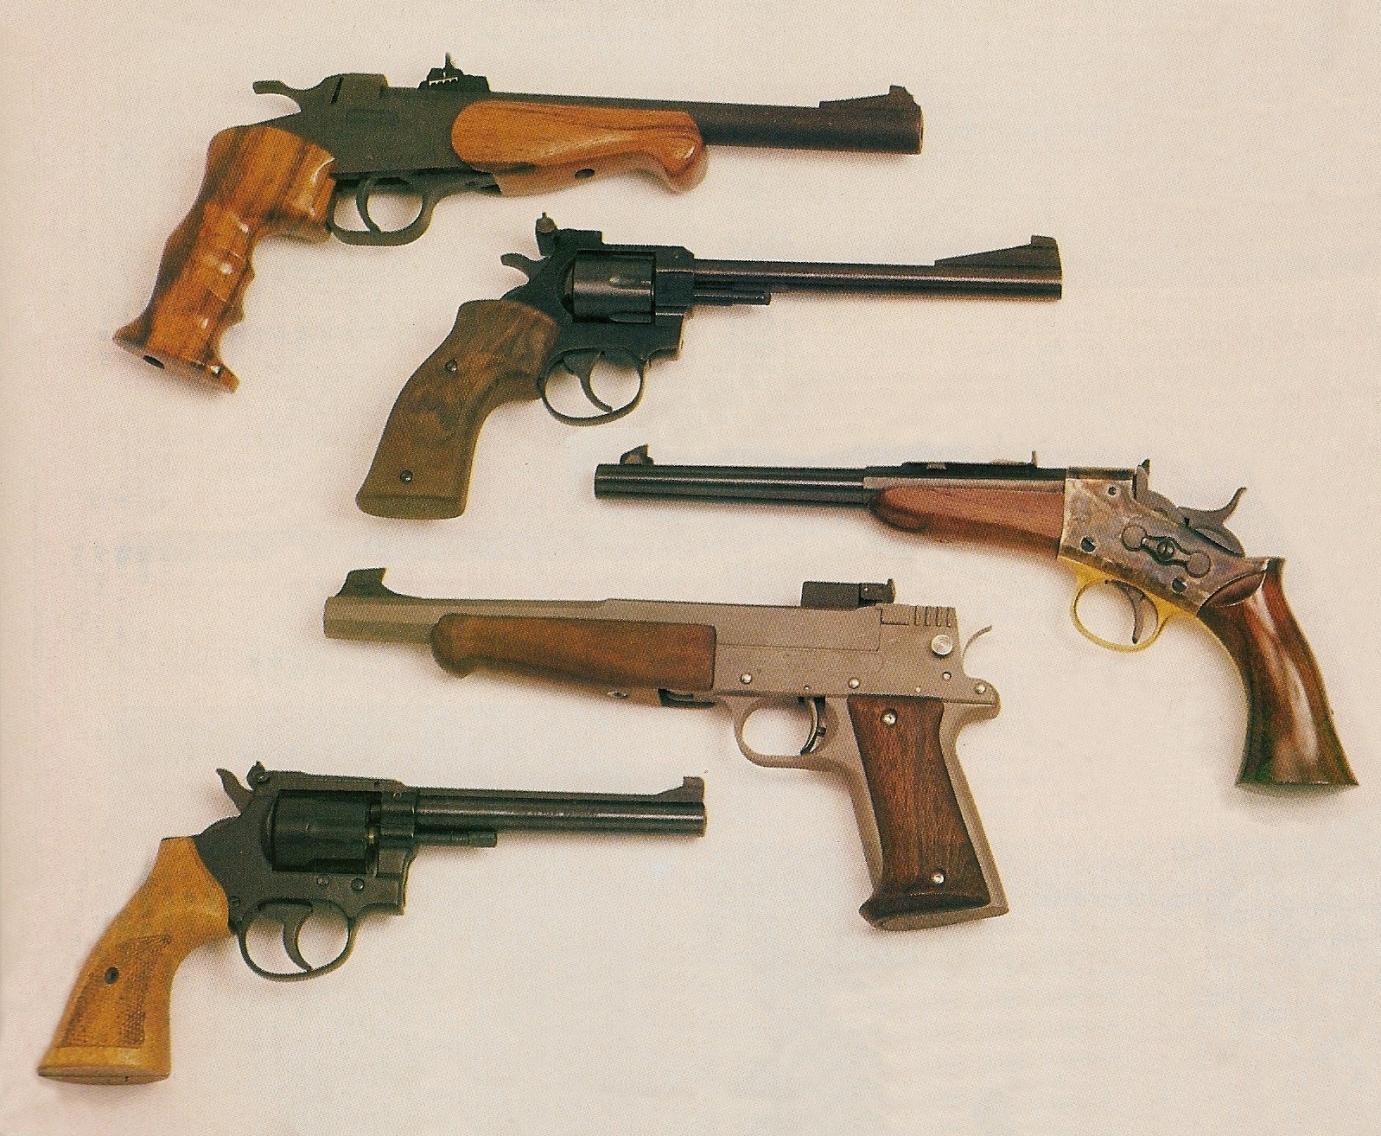 Le principal avantage des pistolets à un coup à percussion annulaire, chambrés en calibre .22 Long Rifle ou .22 Magnum, était constitué par le fait qu'ils pouvaient être librement achetés et détenus, de même que leurs munitions (leur transport était autorisé mais le port, en revanche était interdit).